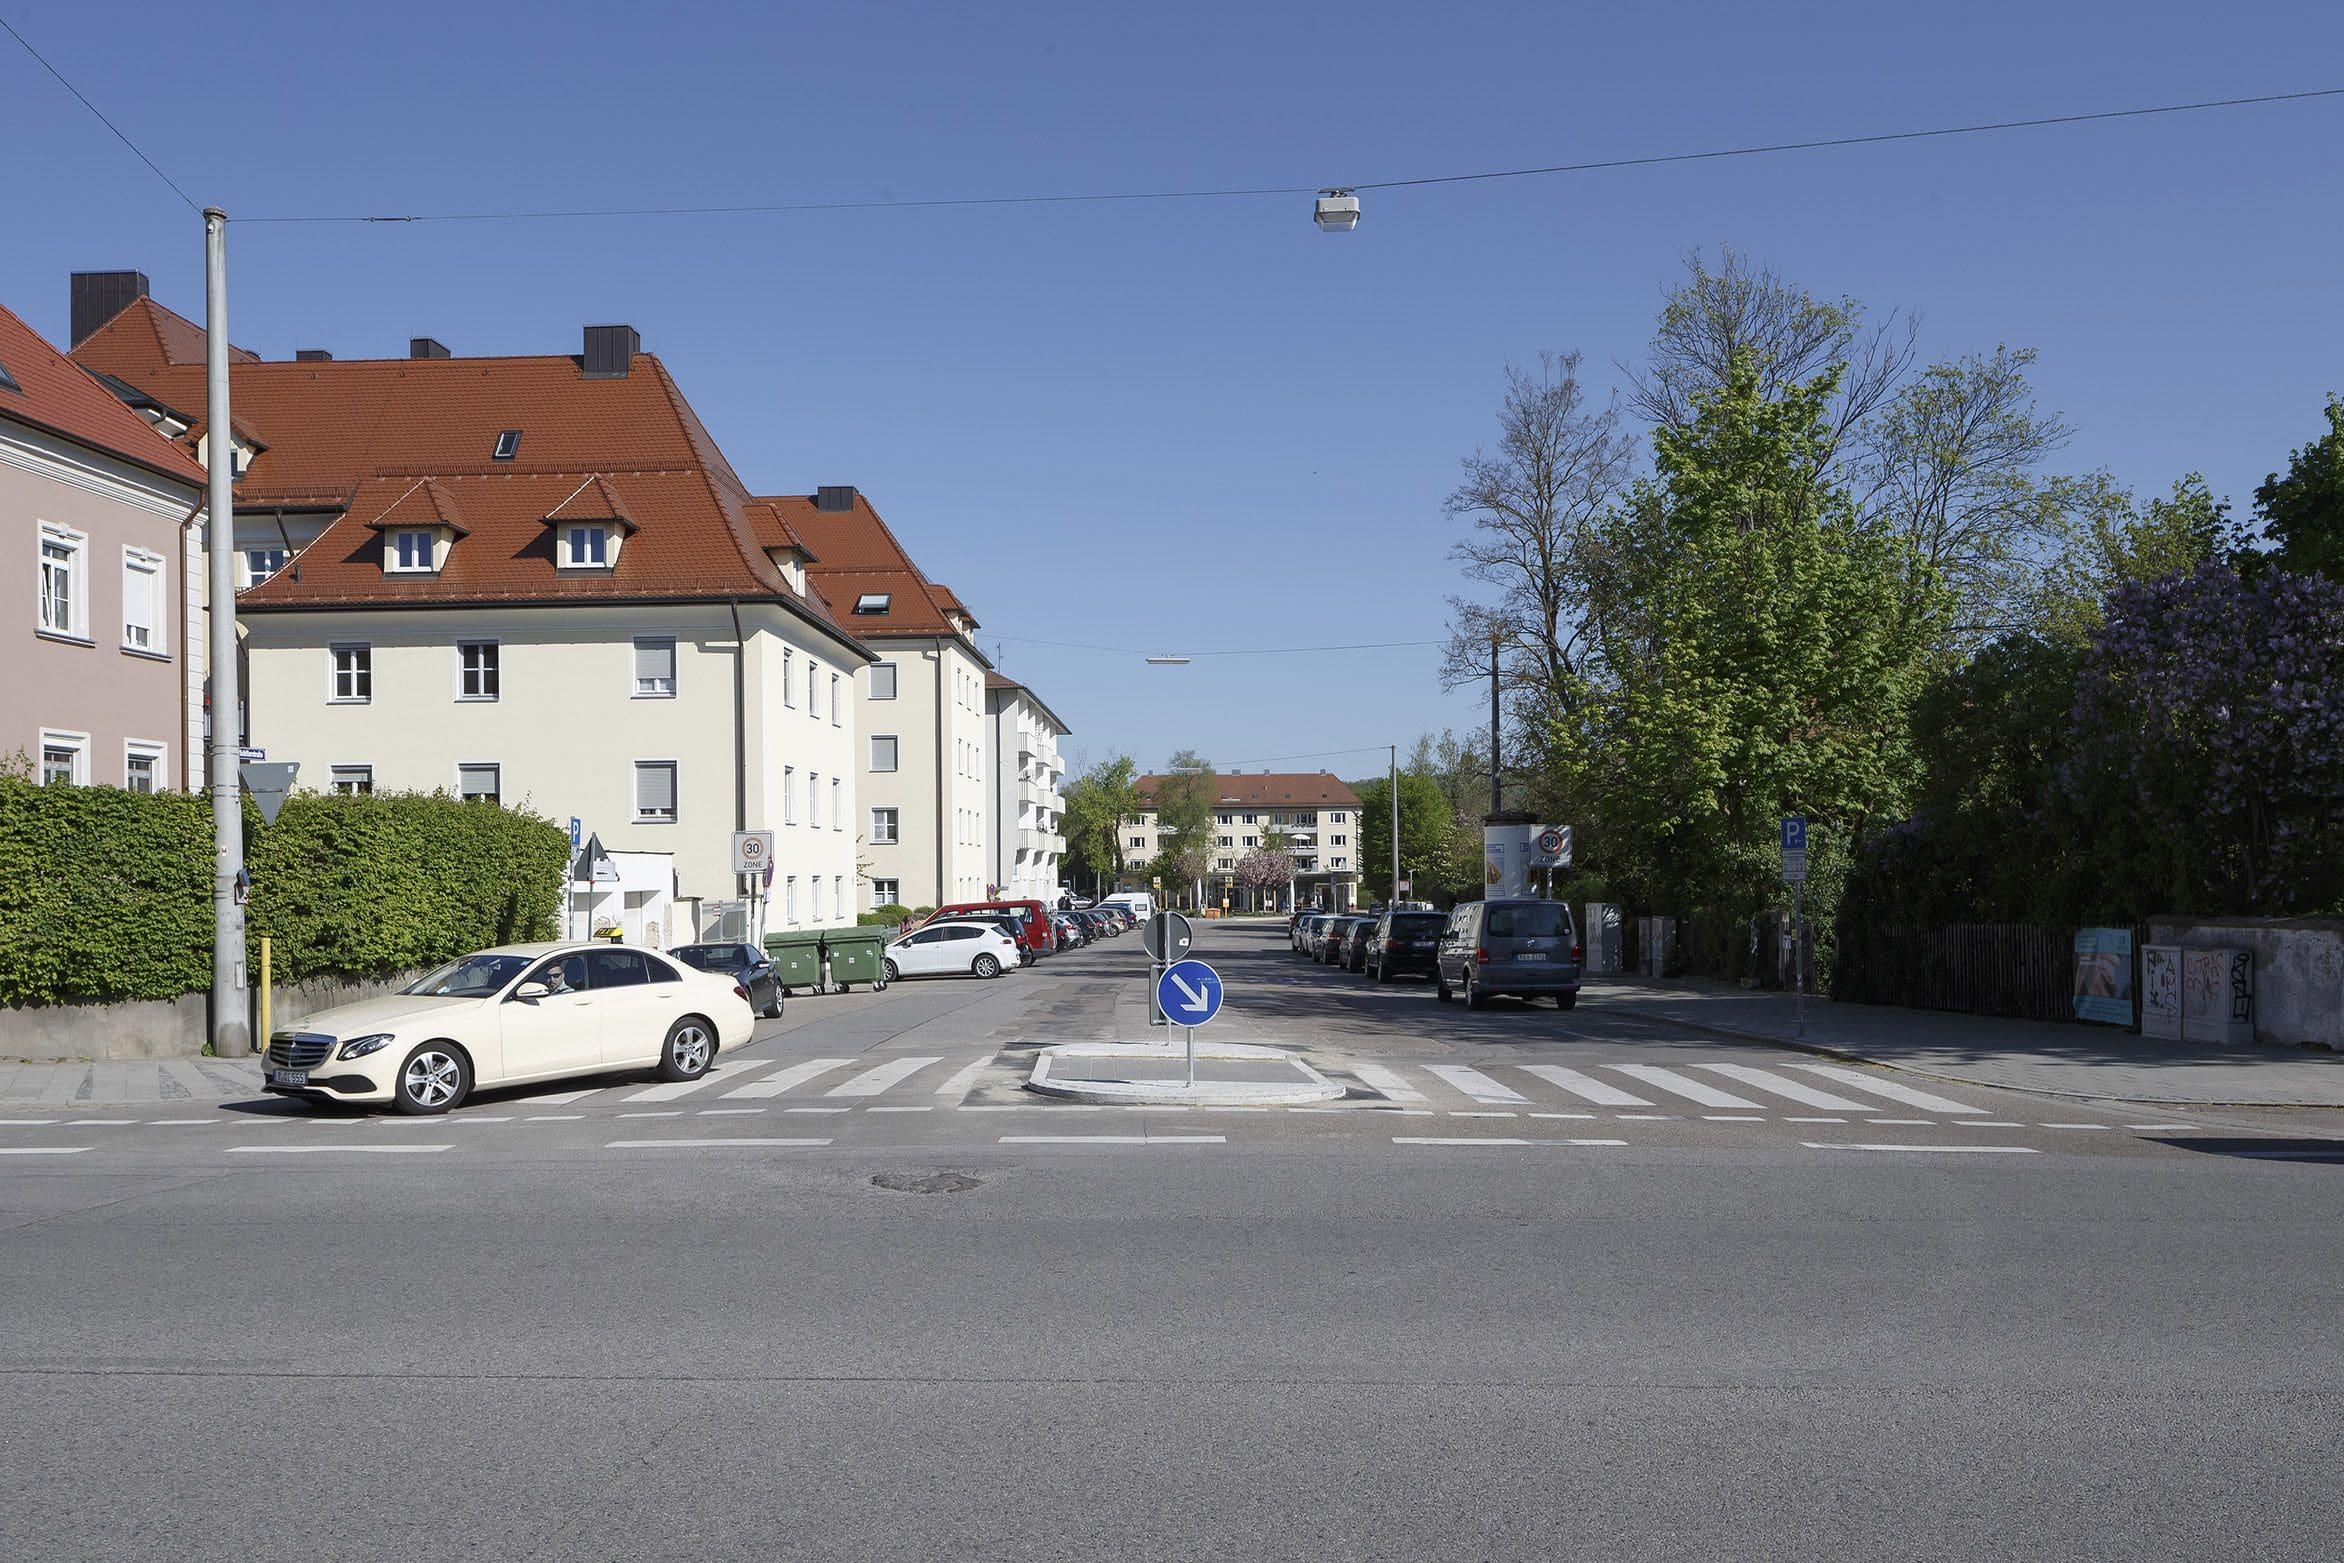 Neue Querungsmöglichkeiten in der Prüfeninger Straße Zwei Mittelinseln im Umfeld des Goethe-Gymnasiums bis Anfang Mai